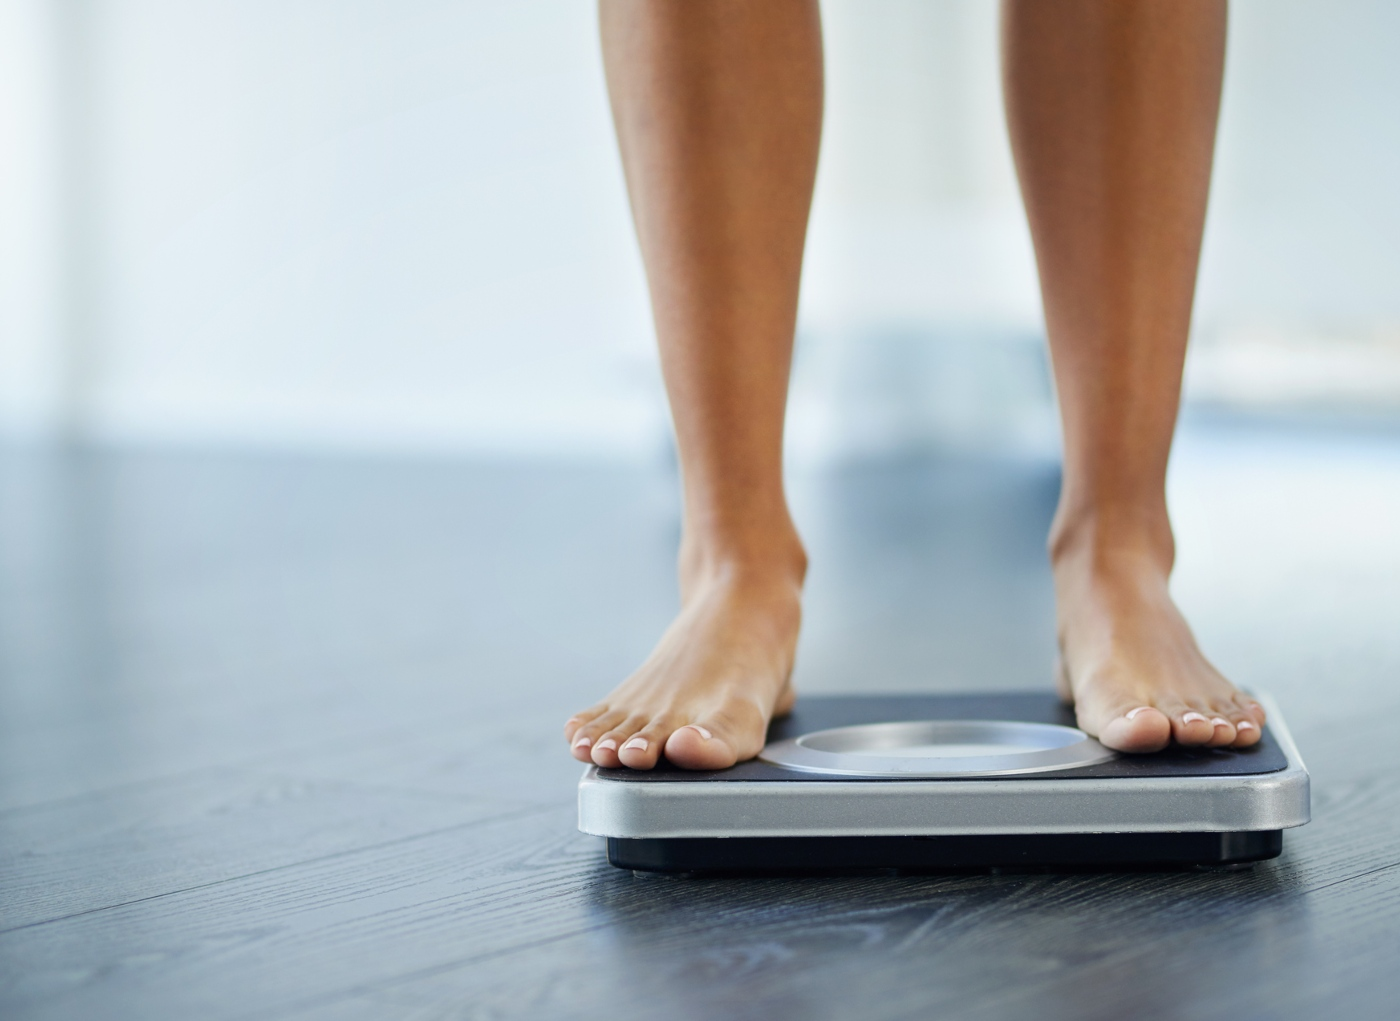 dia mundial da obesidade em cima da balanca